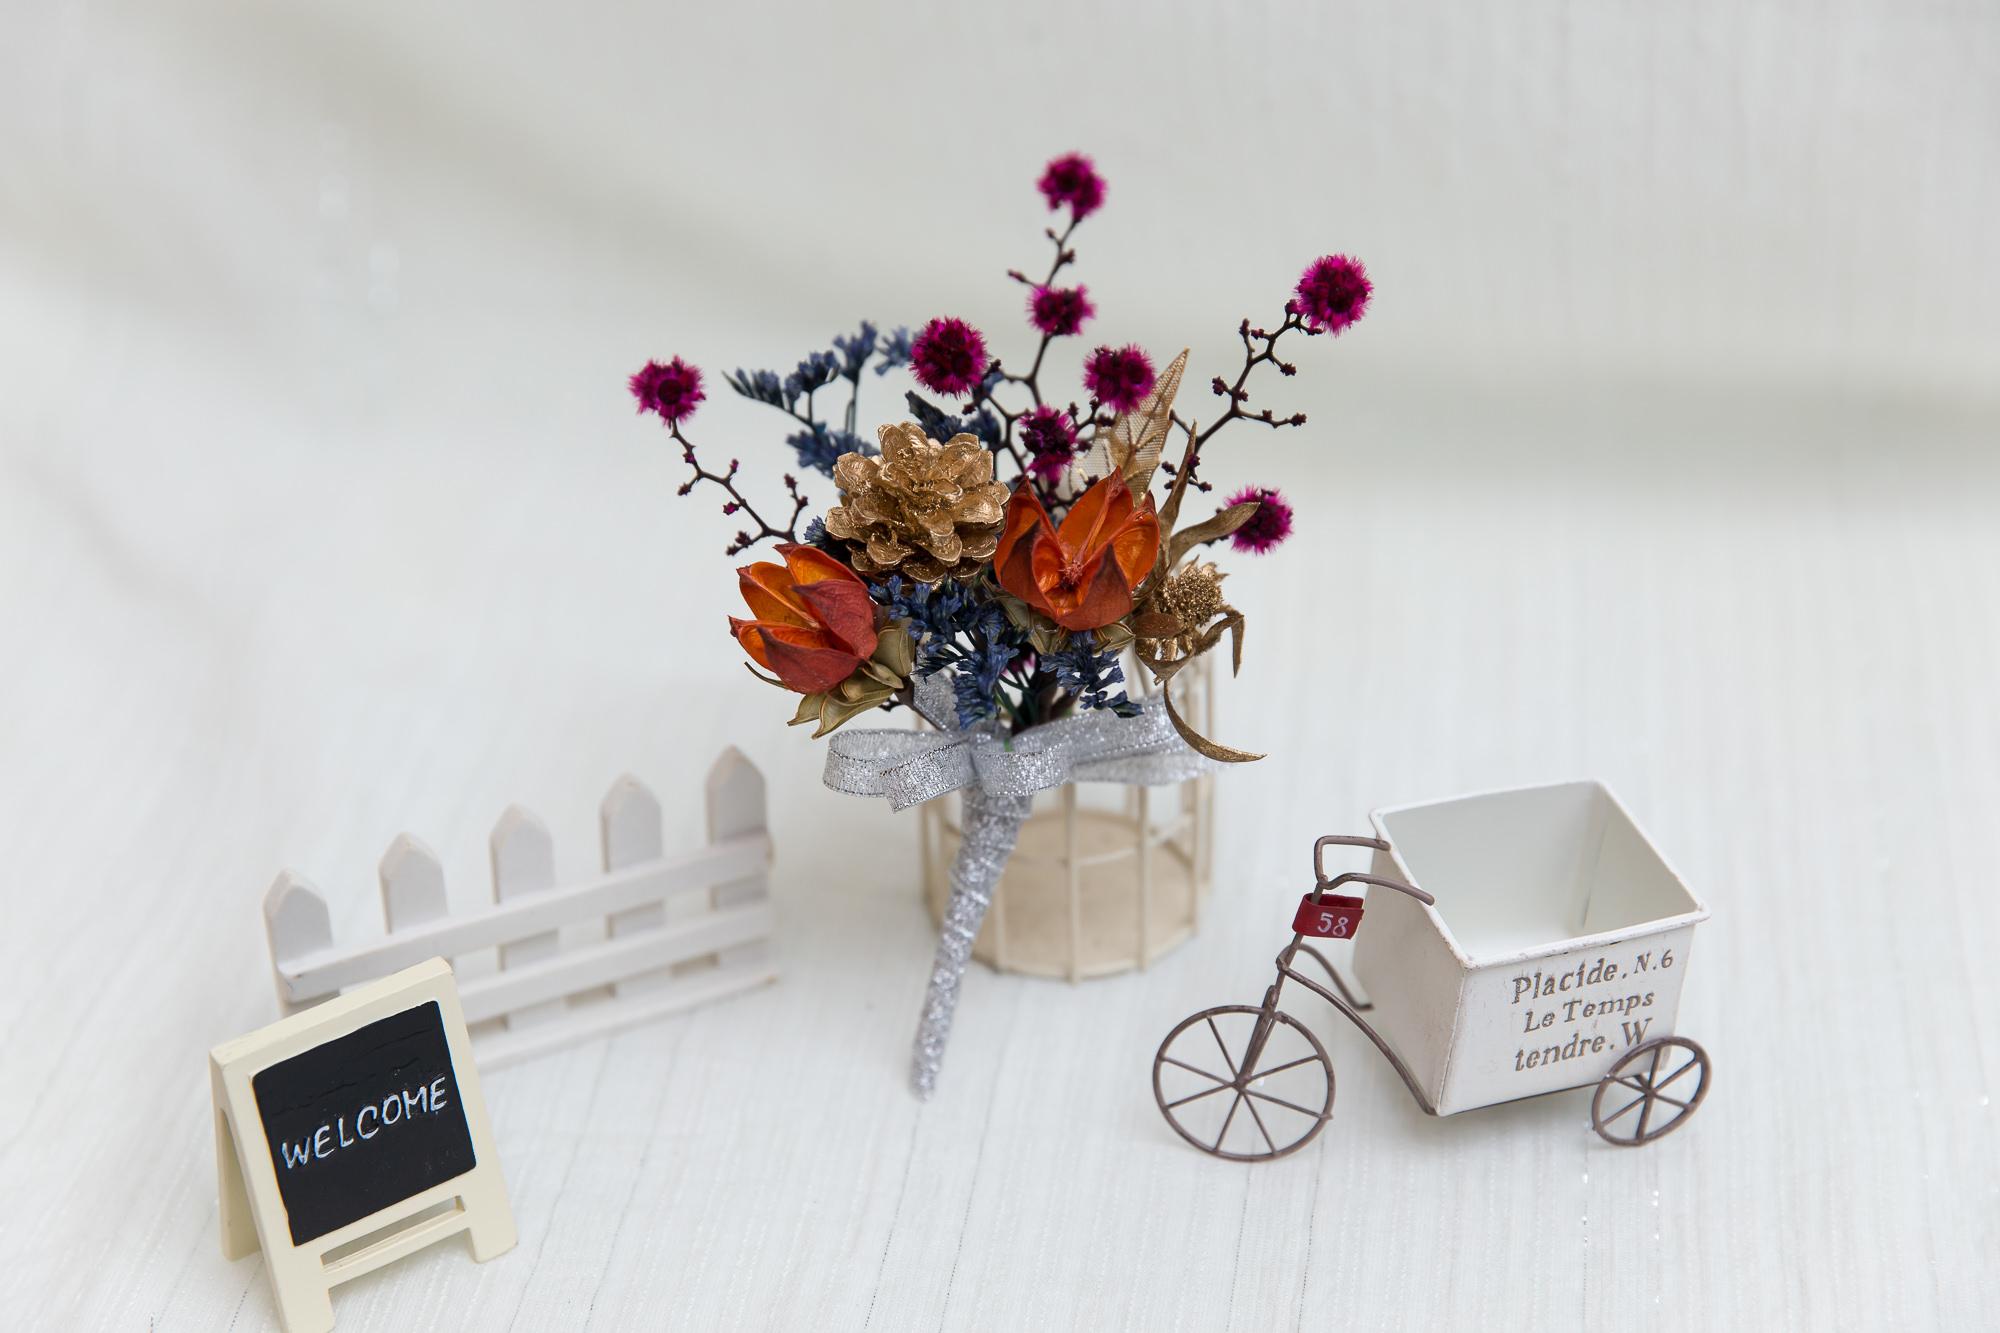 新郎胸花, 新娘秘書, 新秘, 乾燥花胸花, 寶藍色胸花, 金色胸花, 不凋花胸花, boutonnieres